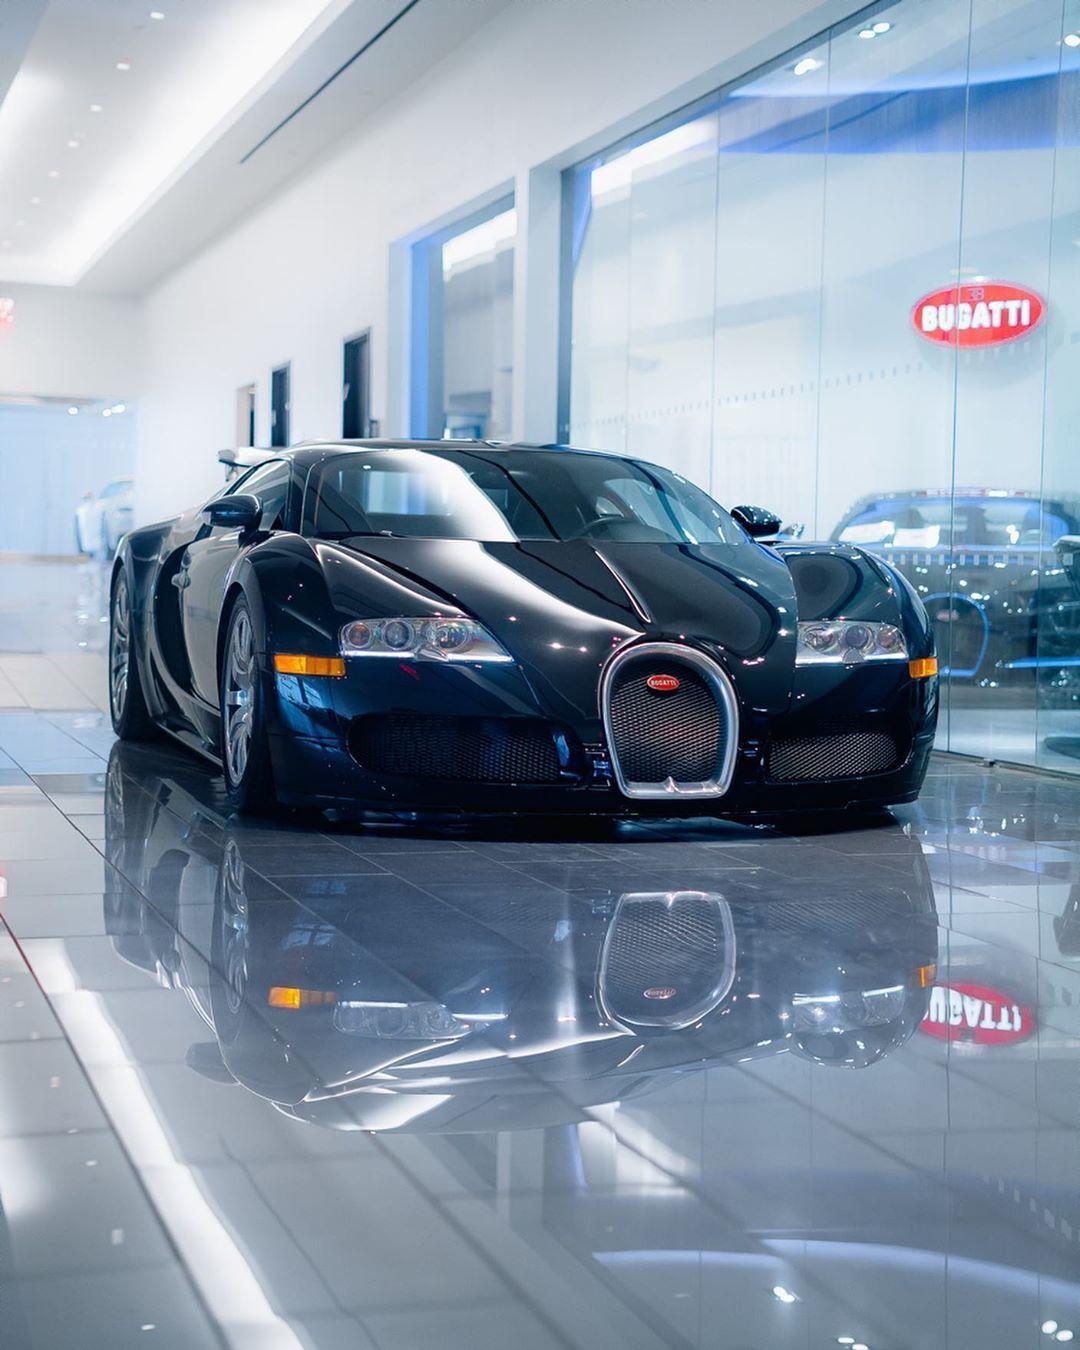 Spotted A Wild Creature In 2020 Bugatti Best Luxury Cars Bugatti Cars